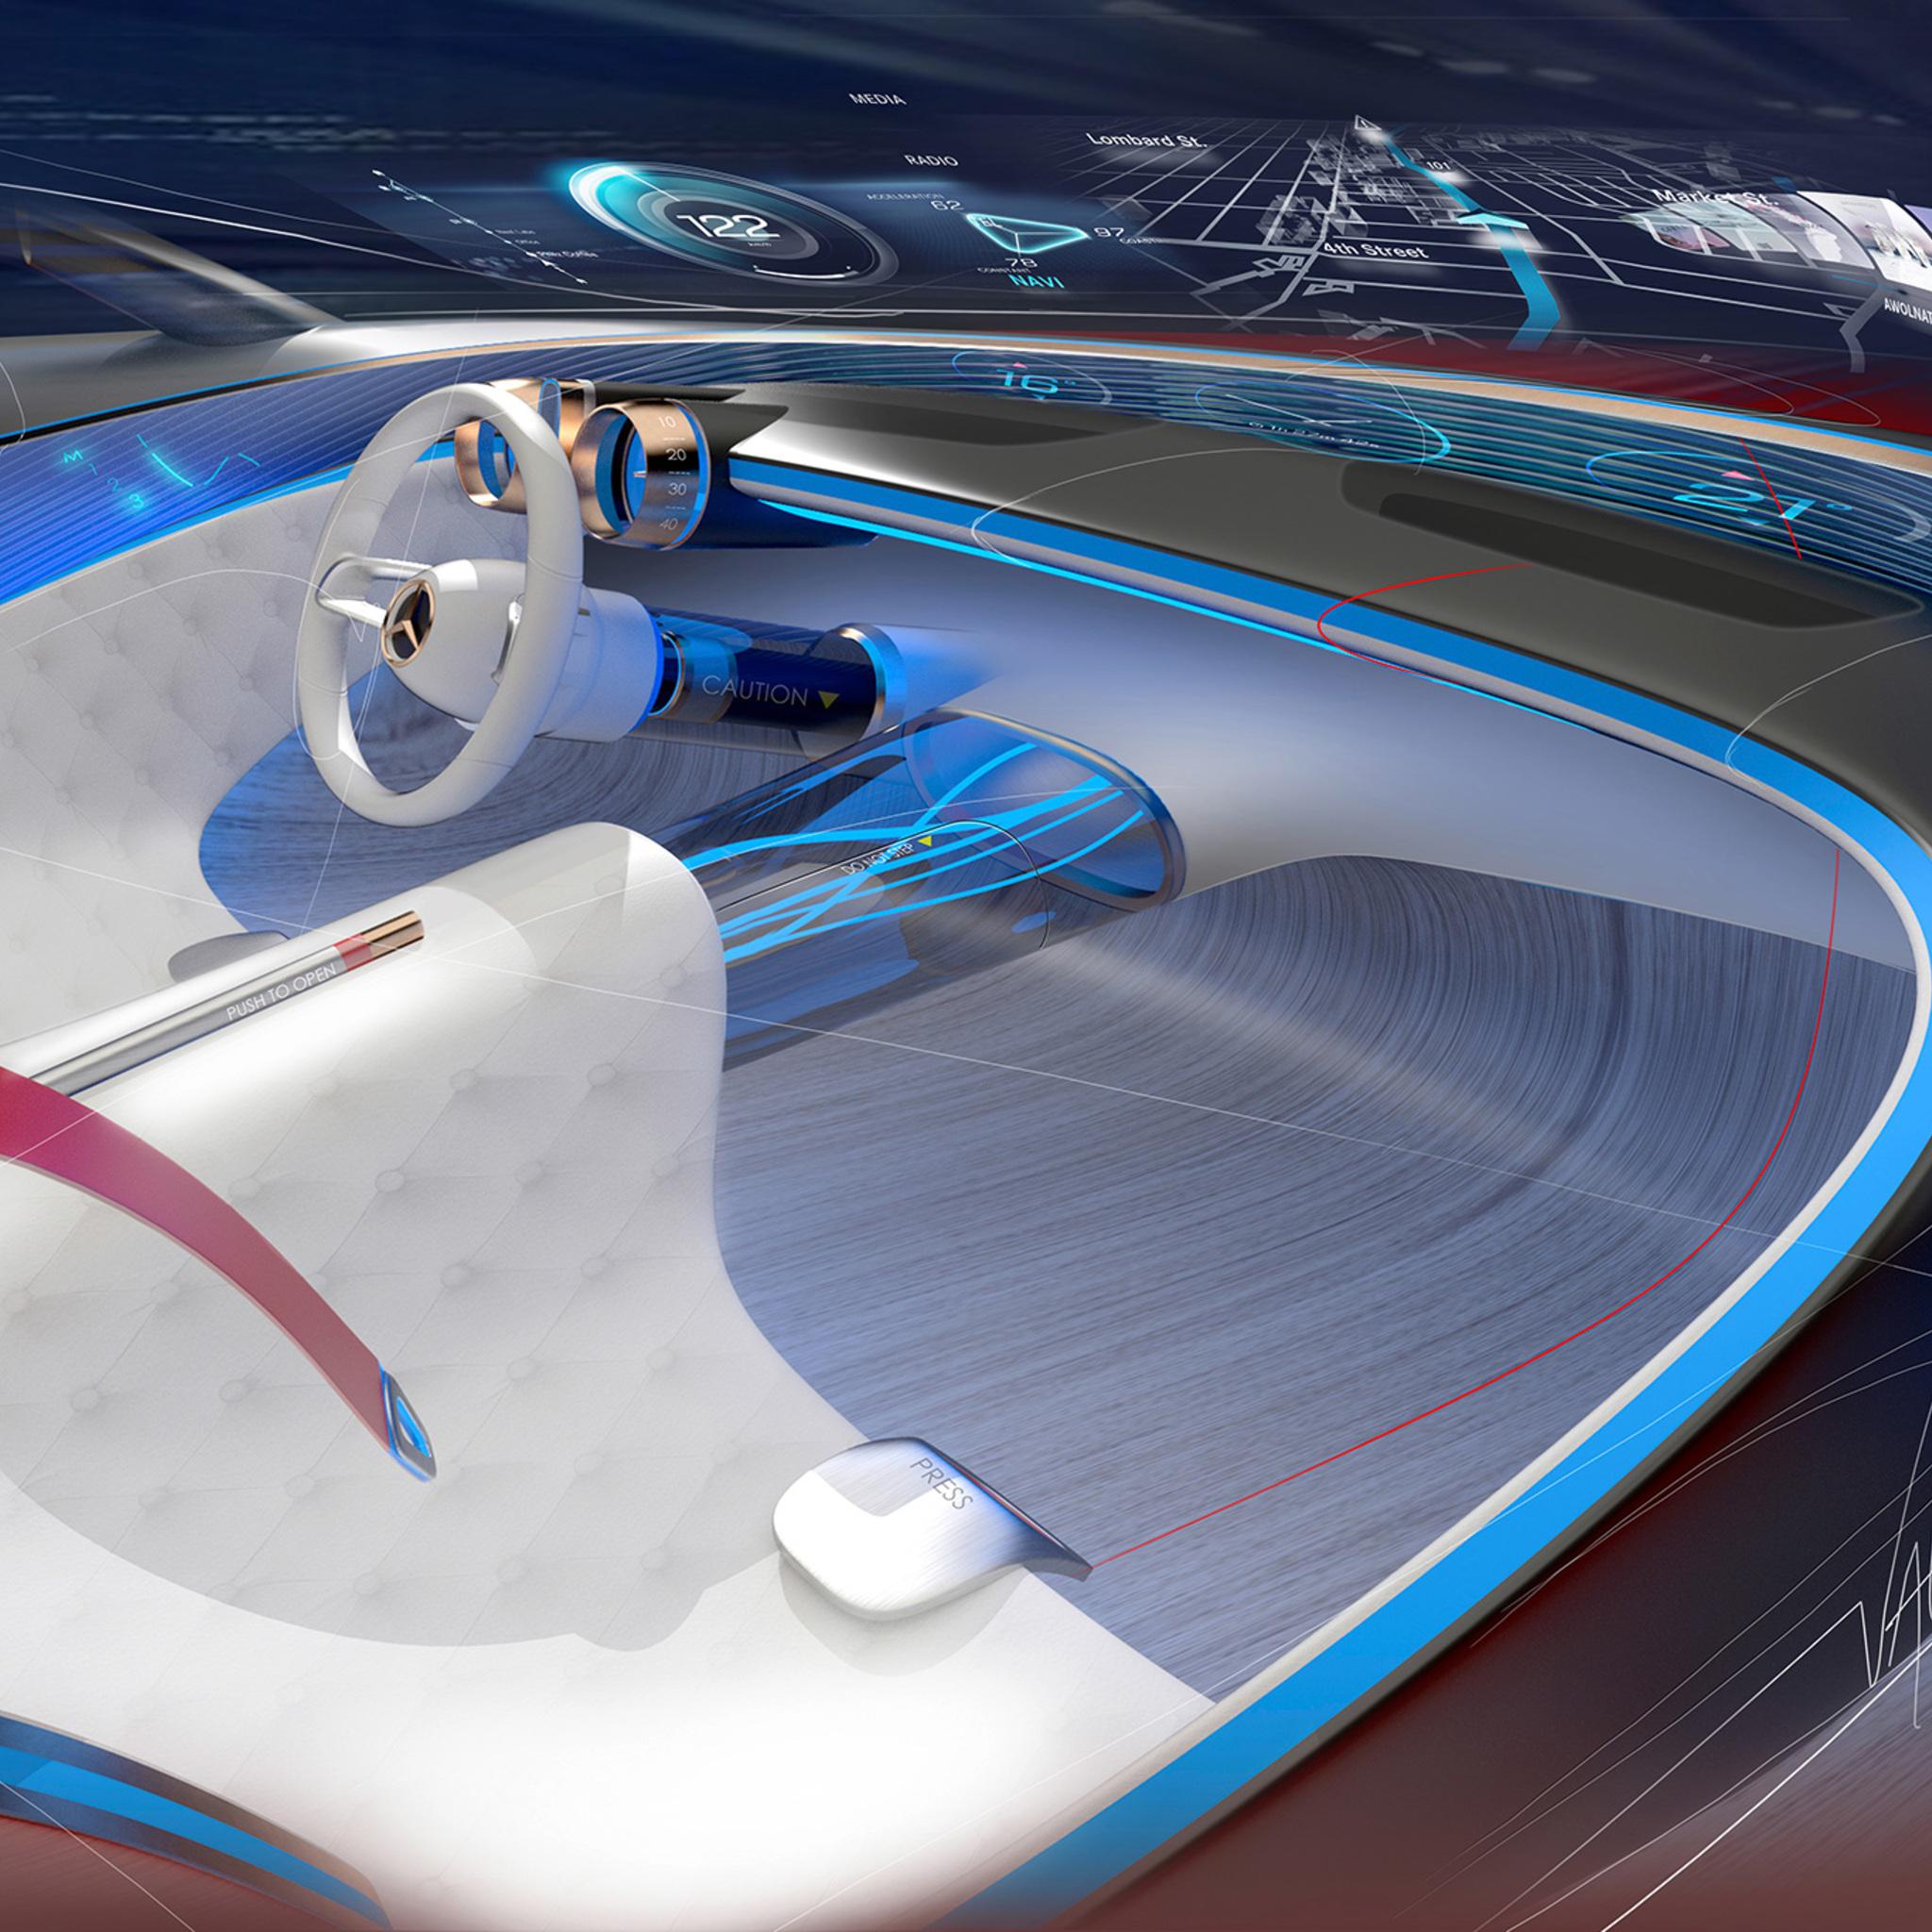 Maybach Car Wallpaper: 2048x2048 Mercedes Maybach Vision 6 Interior Ipad Air HD